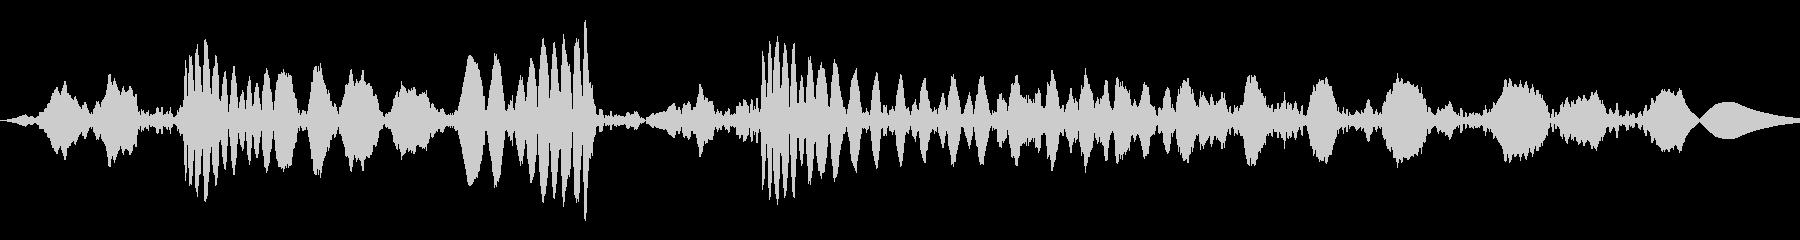 ジュクジュー:レコードのスクラッチの未再生の波形